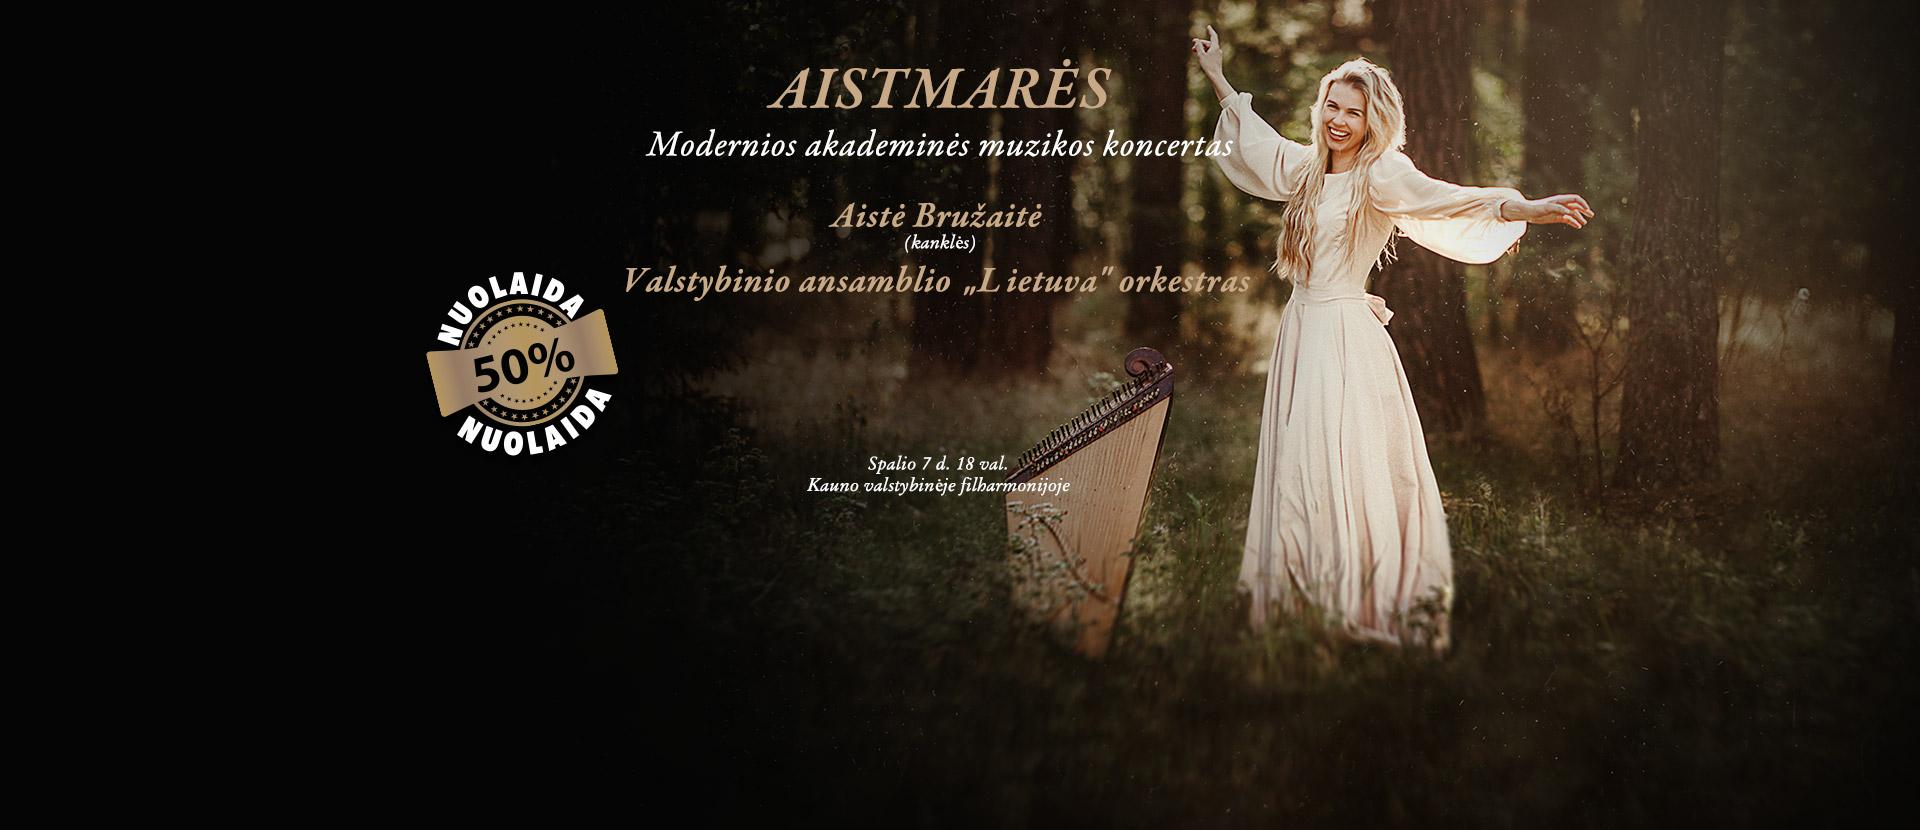 """Šiuolaikinės akademinės muzikos koncertas """"Aistmarės"""""""